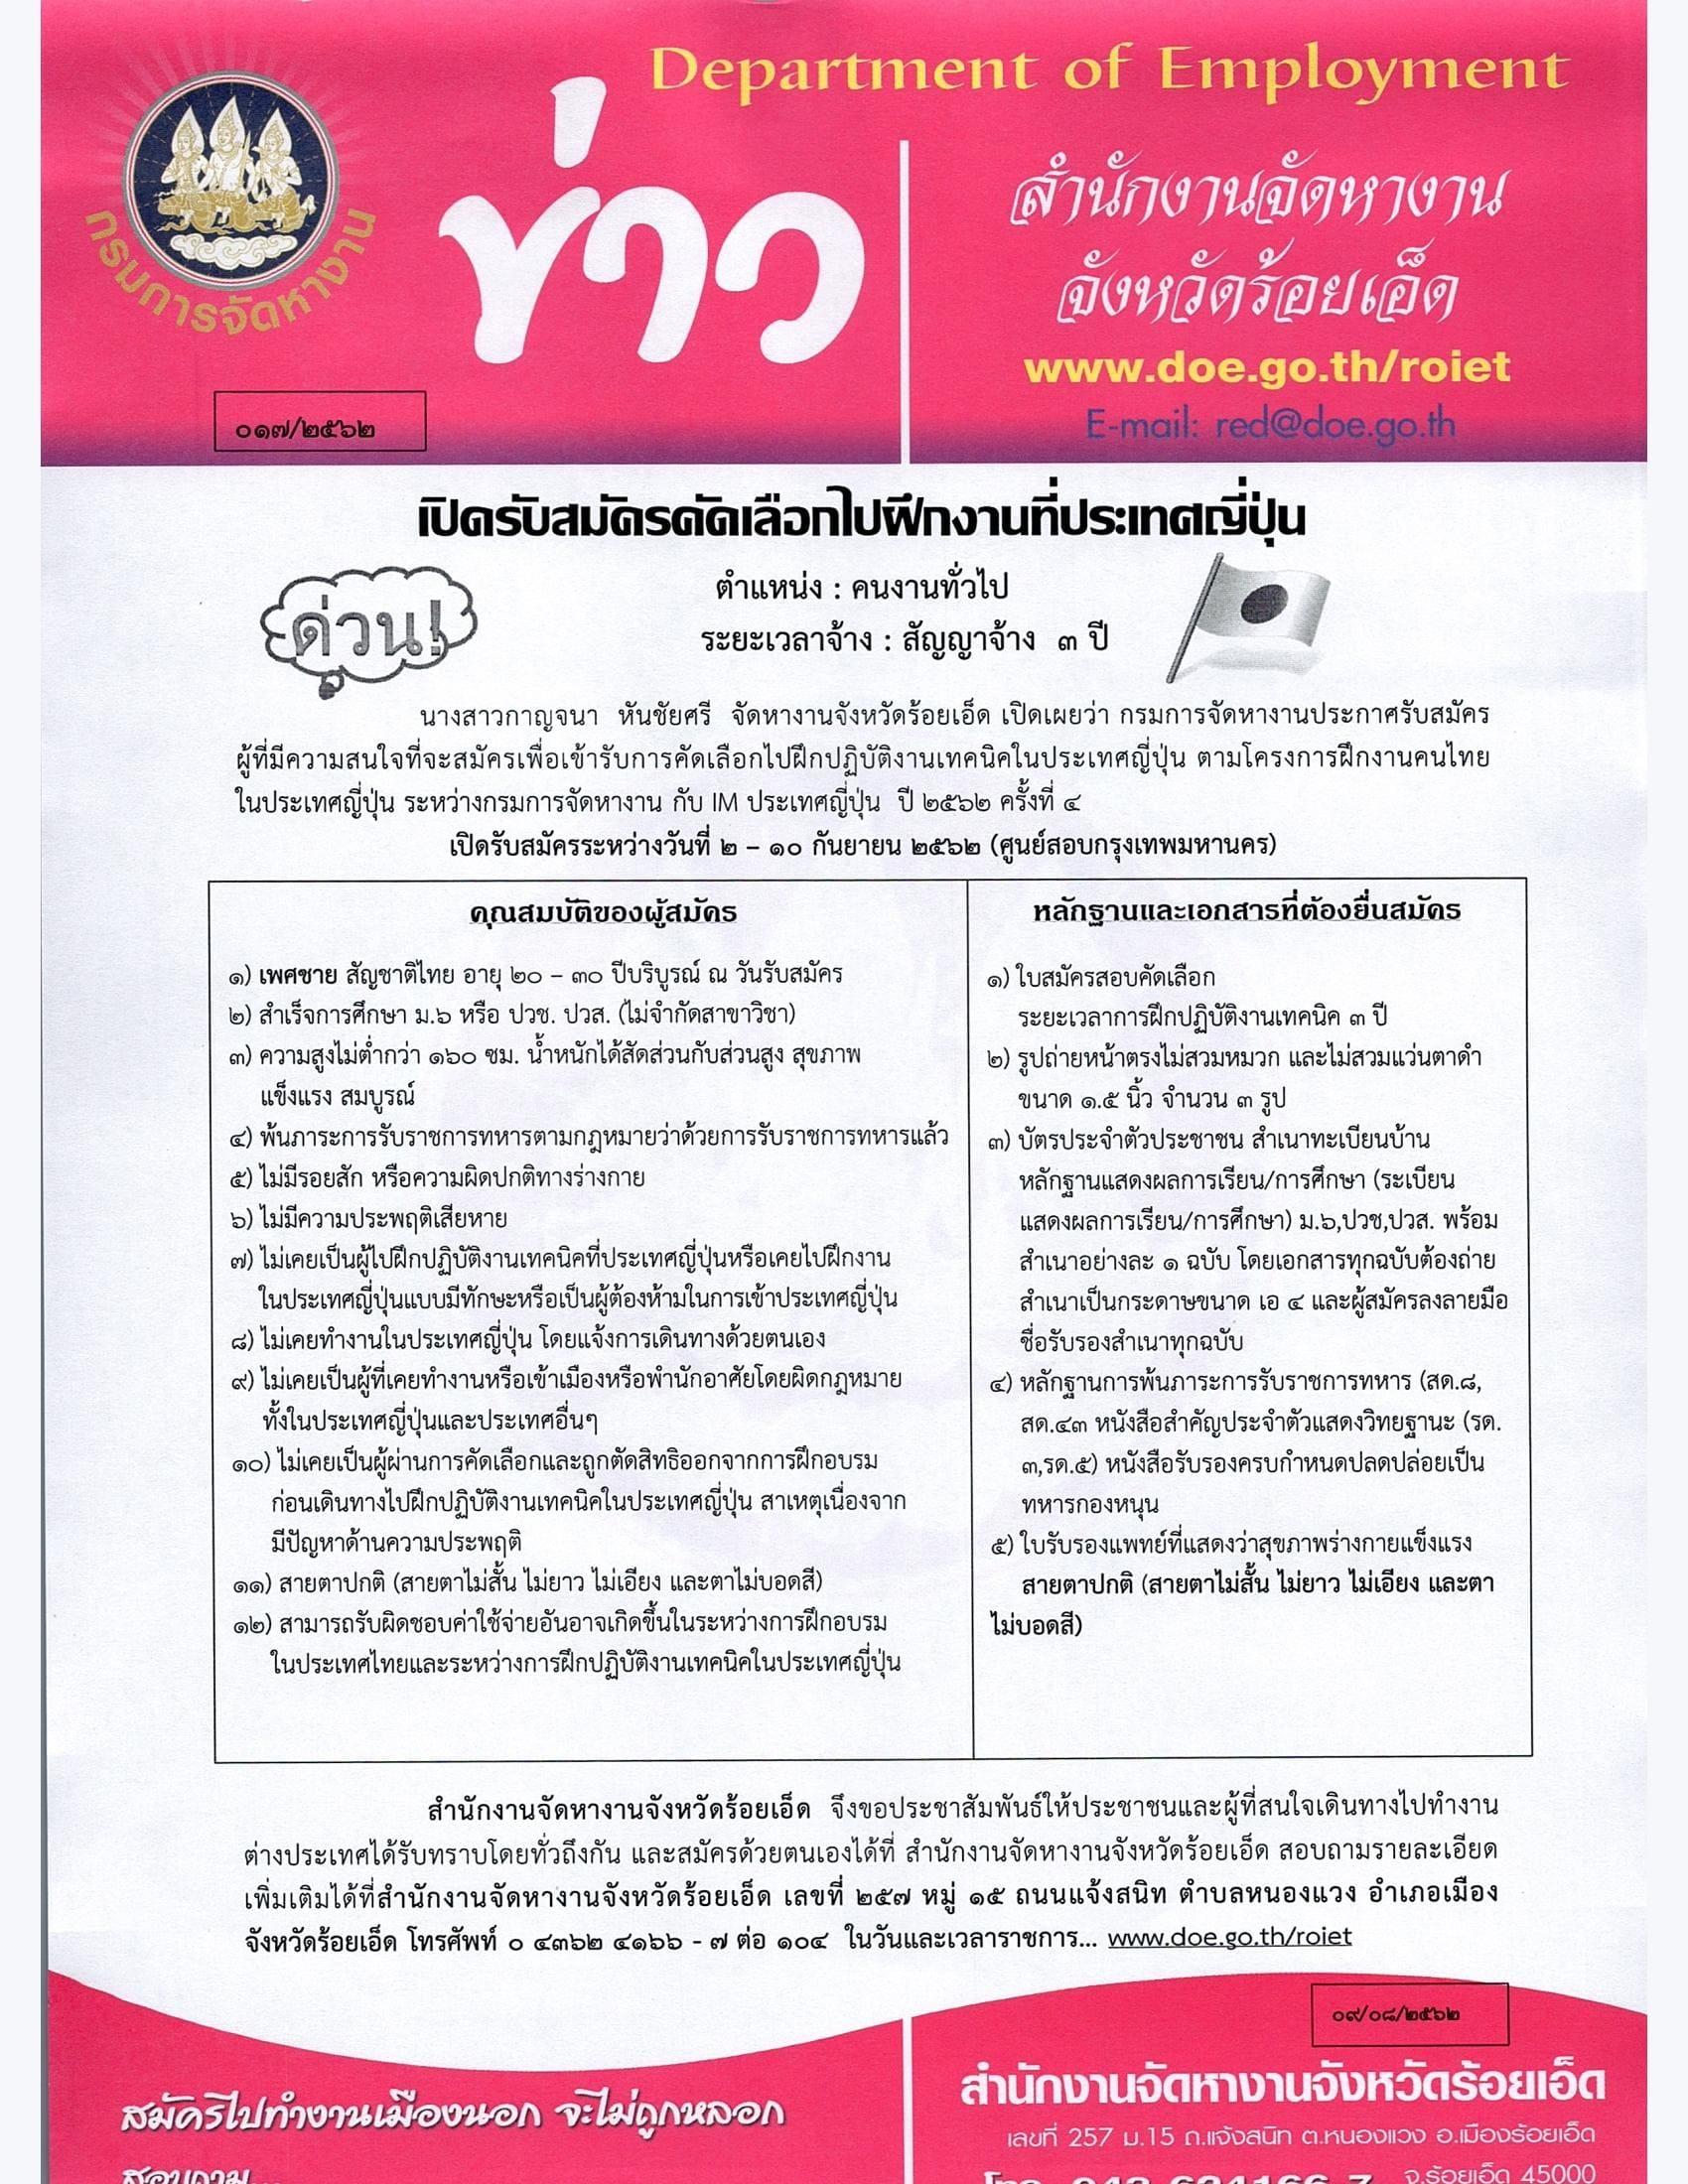 รับสมัครคัดเลือกผู้ฝึกปฏิบัติงานเทคนิคคนไทยไปฝึกปฏิบัติงานในประเทศญี่ปุ่น ครั้งที่ 4 2562